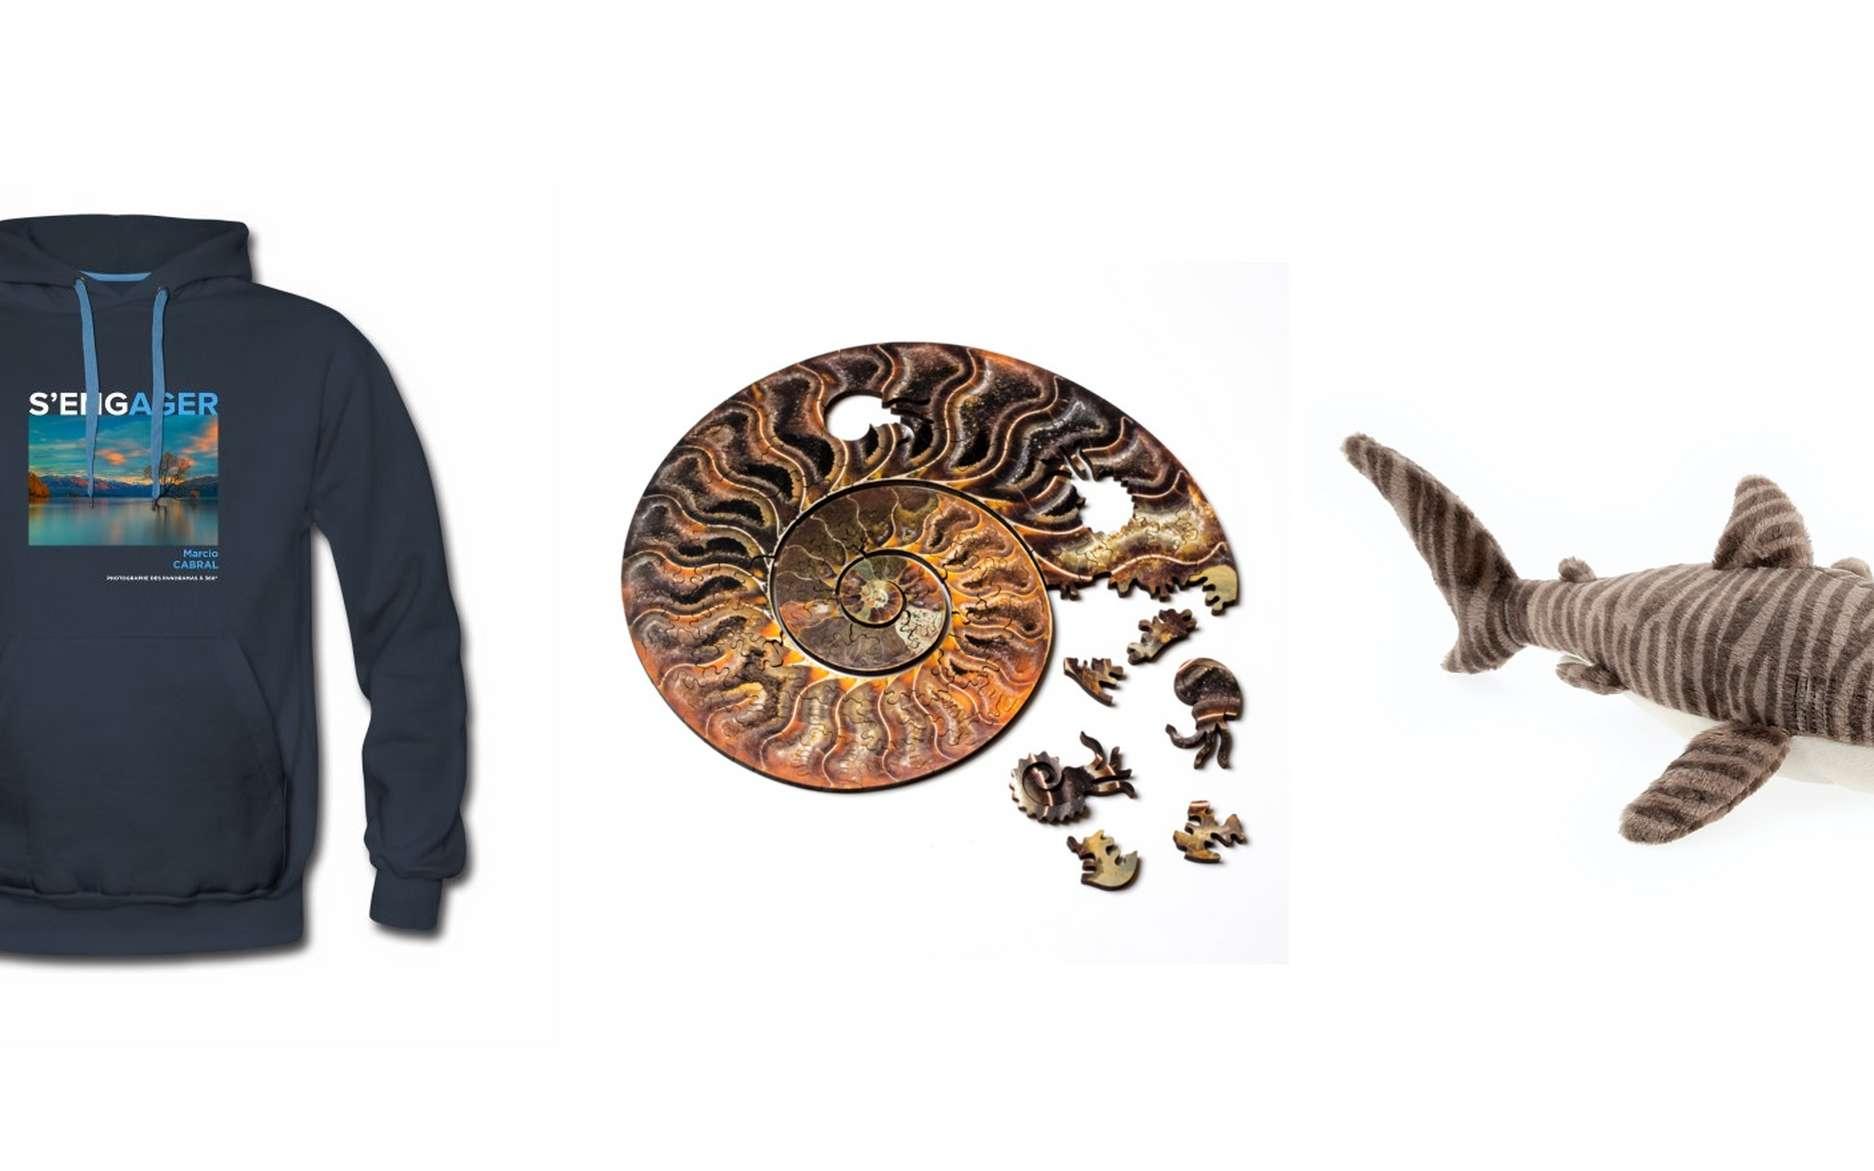 Idées de cadeaux de Noël pour les amoureux de nature et d'environnement. © Futura, Nervous System, Mémoires d'océans